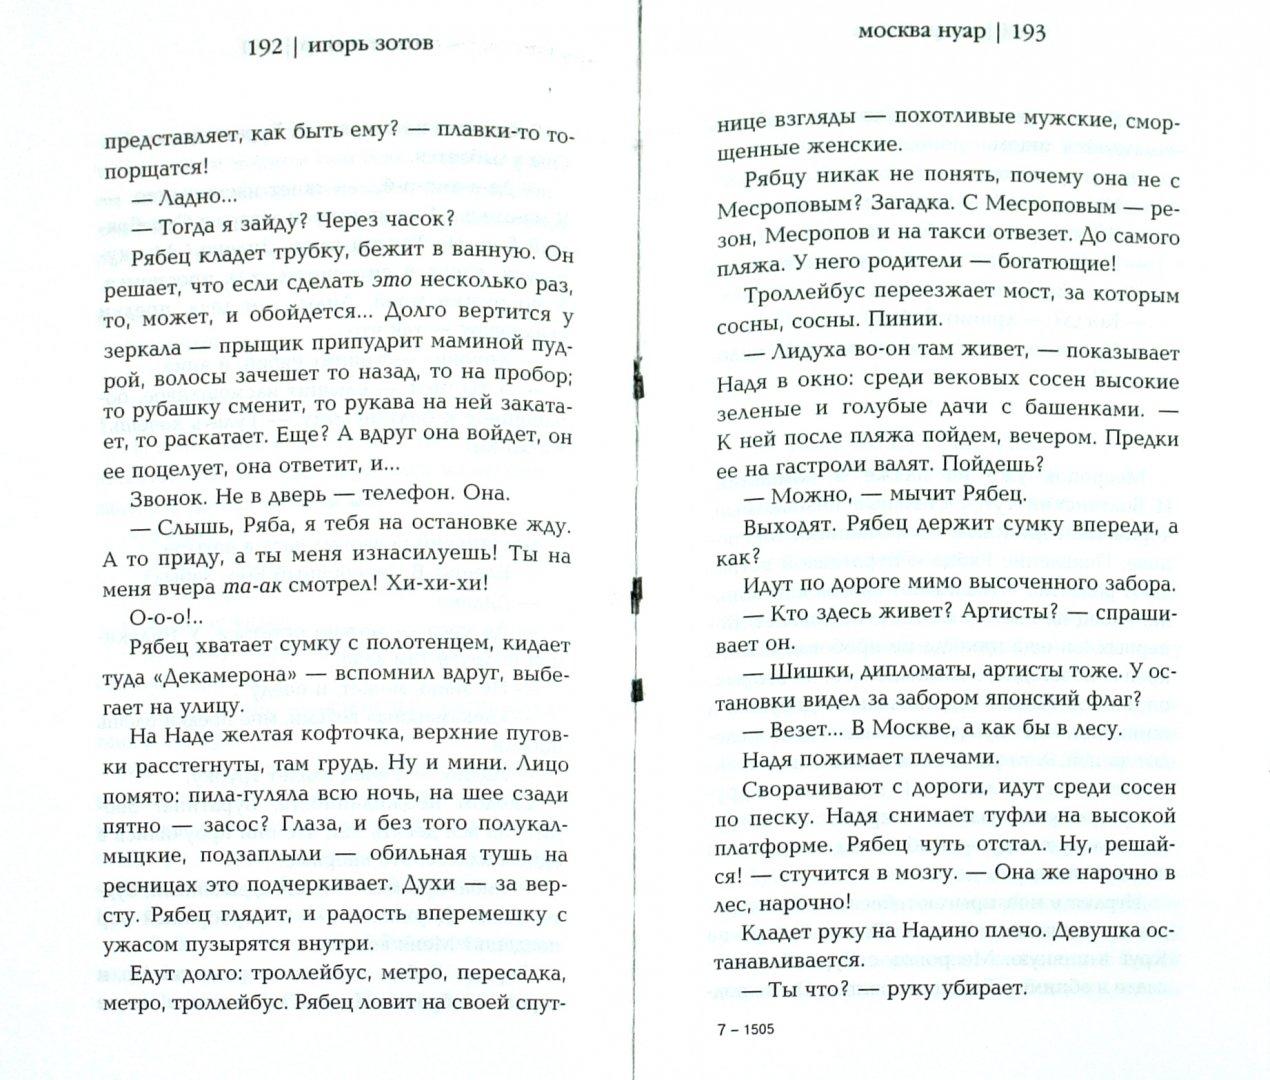 Иллюстрация 1 из 16 для Москва Нуар - Анучкин, Денежкина, Петрушевская, Евдокимов | Лабиринт - книги. Источник: Лабиринт